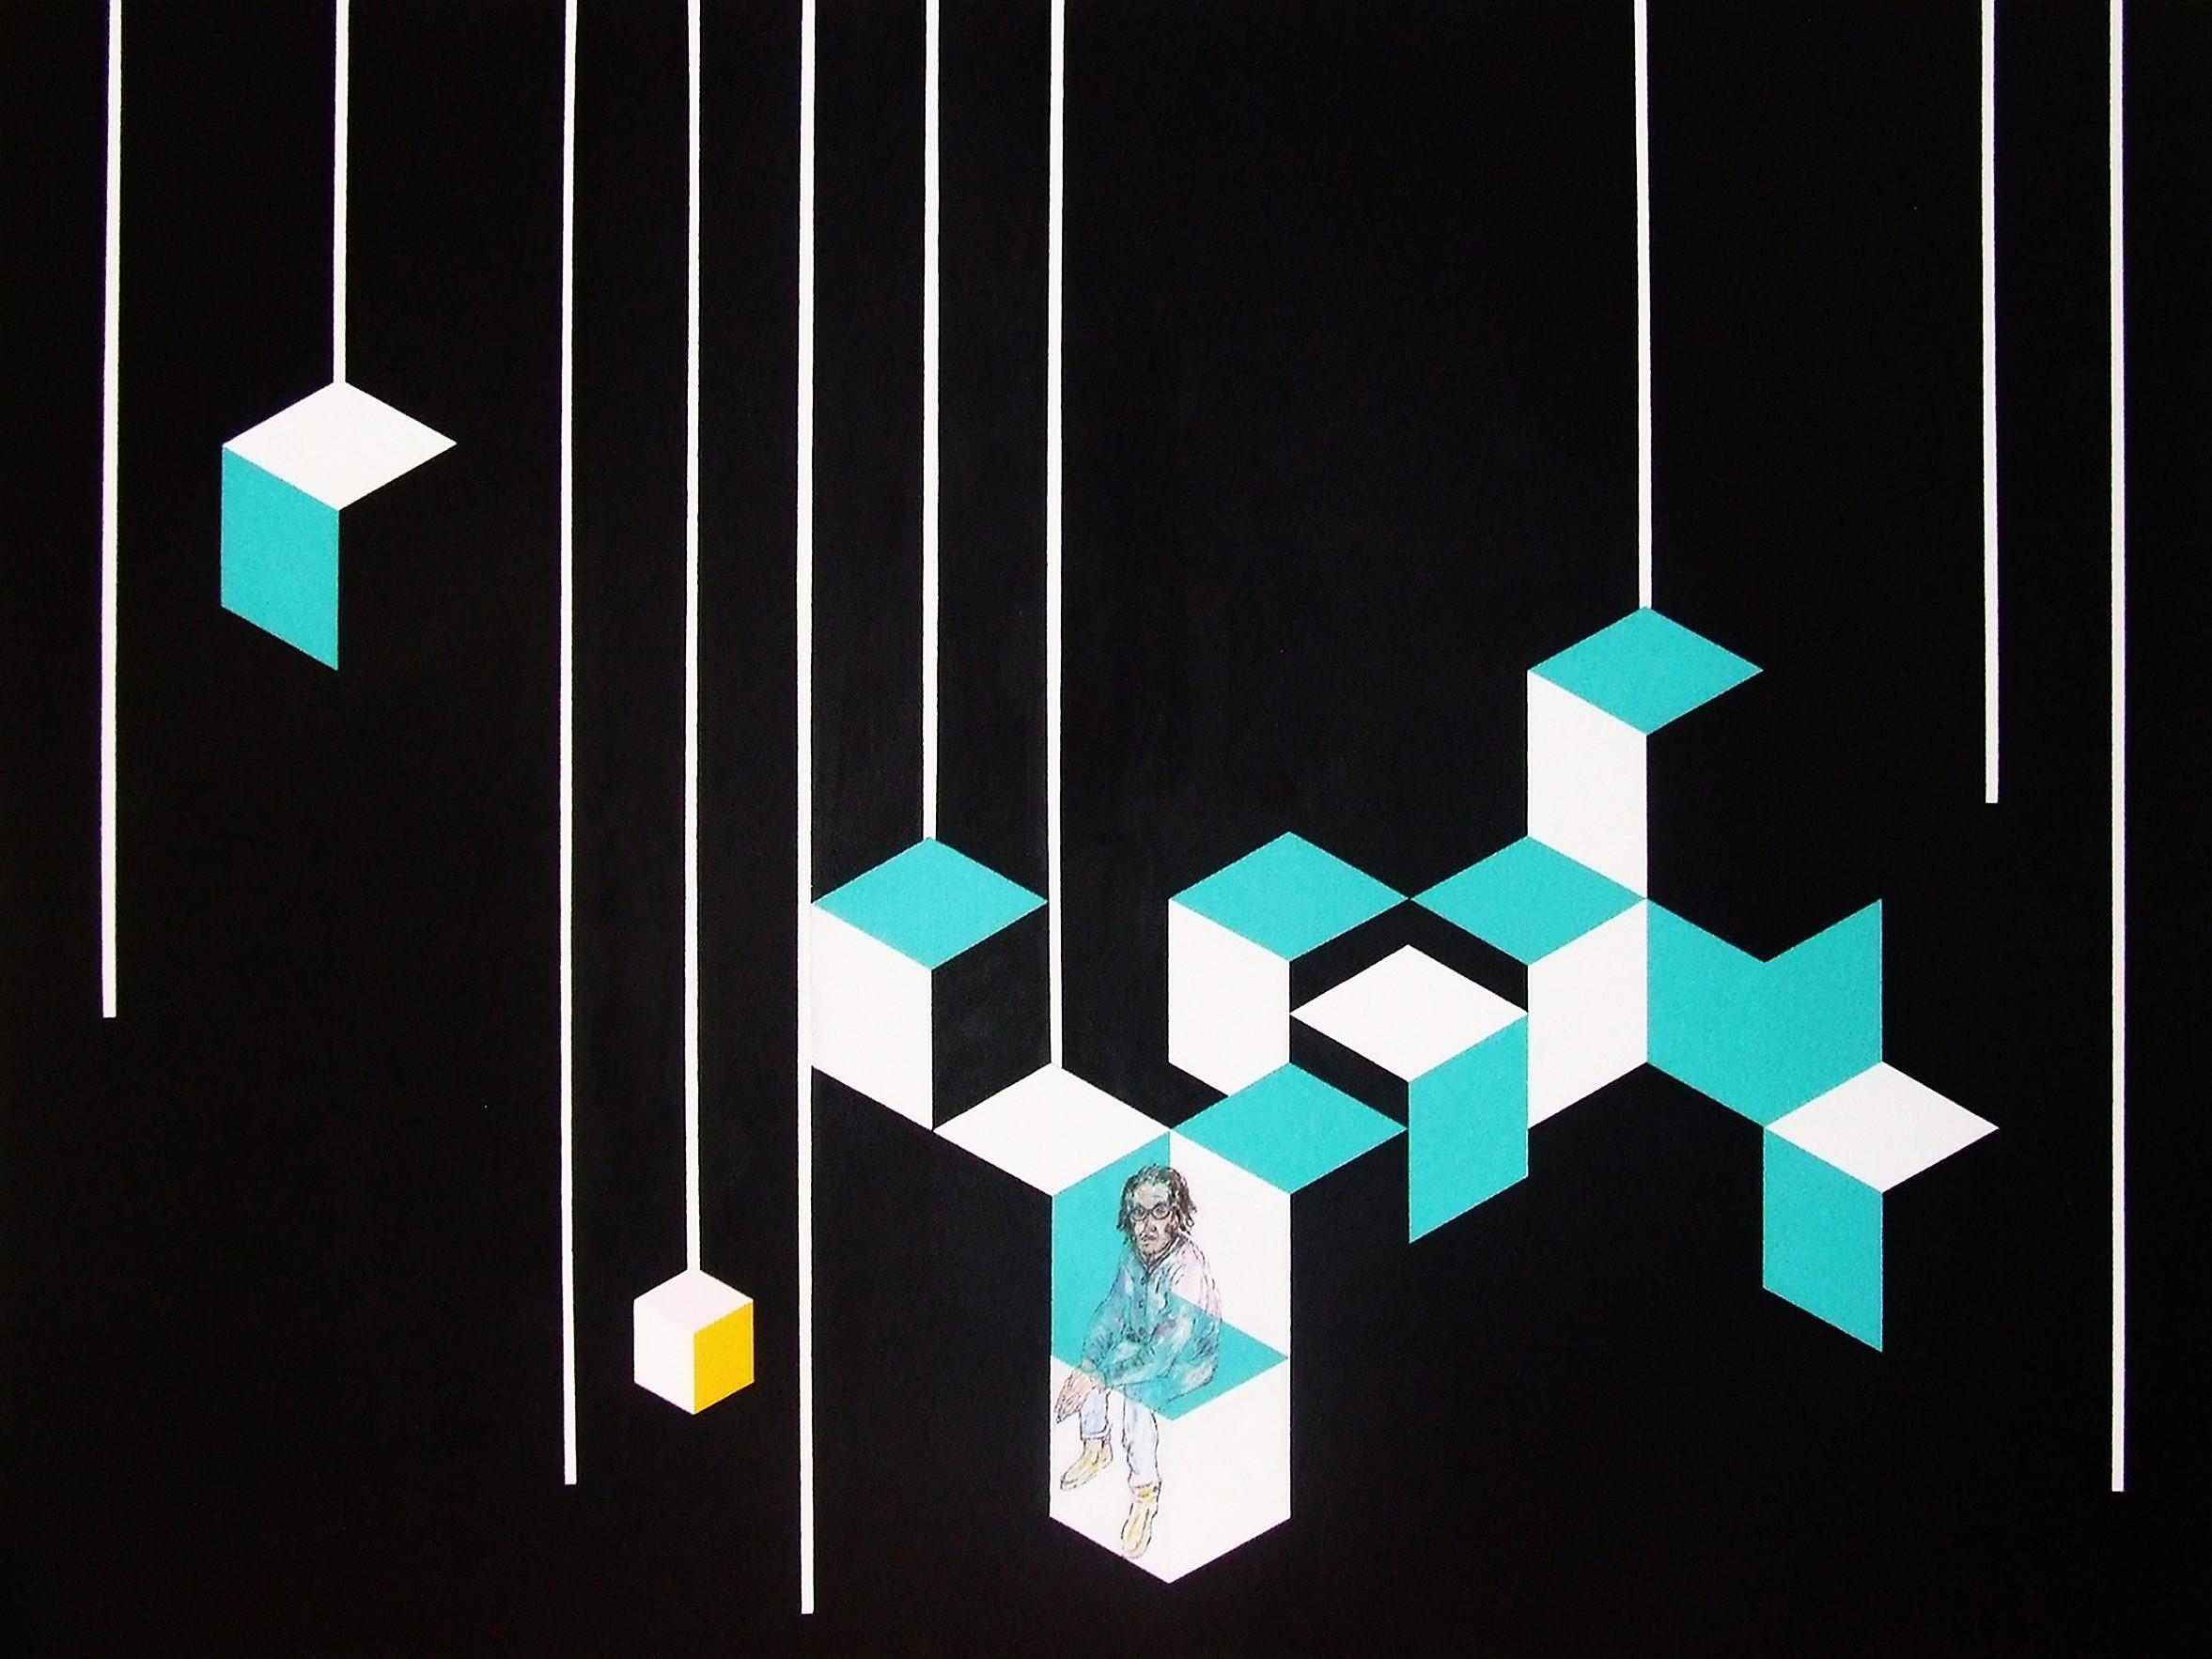 Série VI, Construção VII, 2016